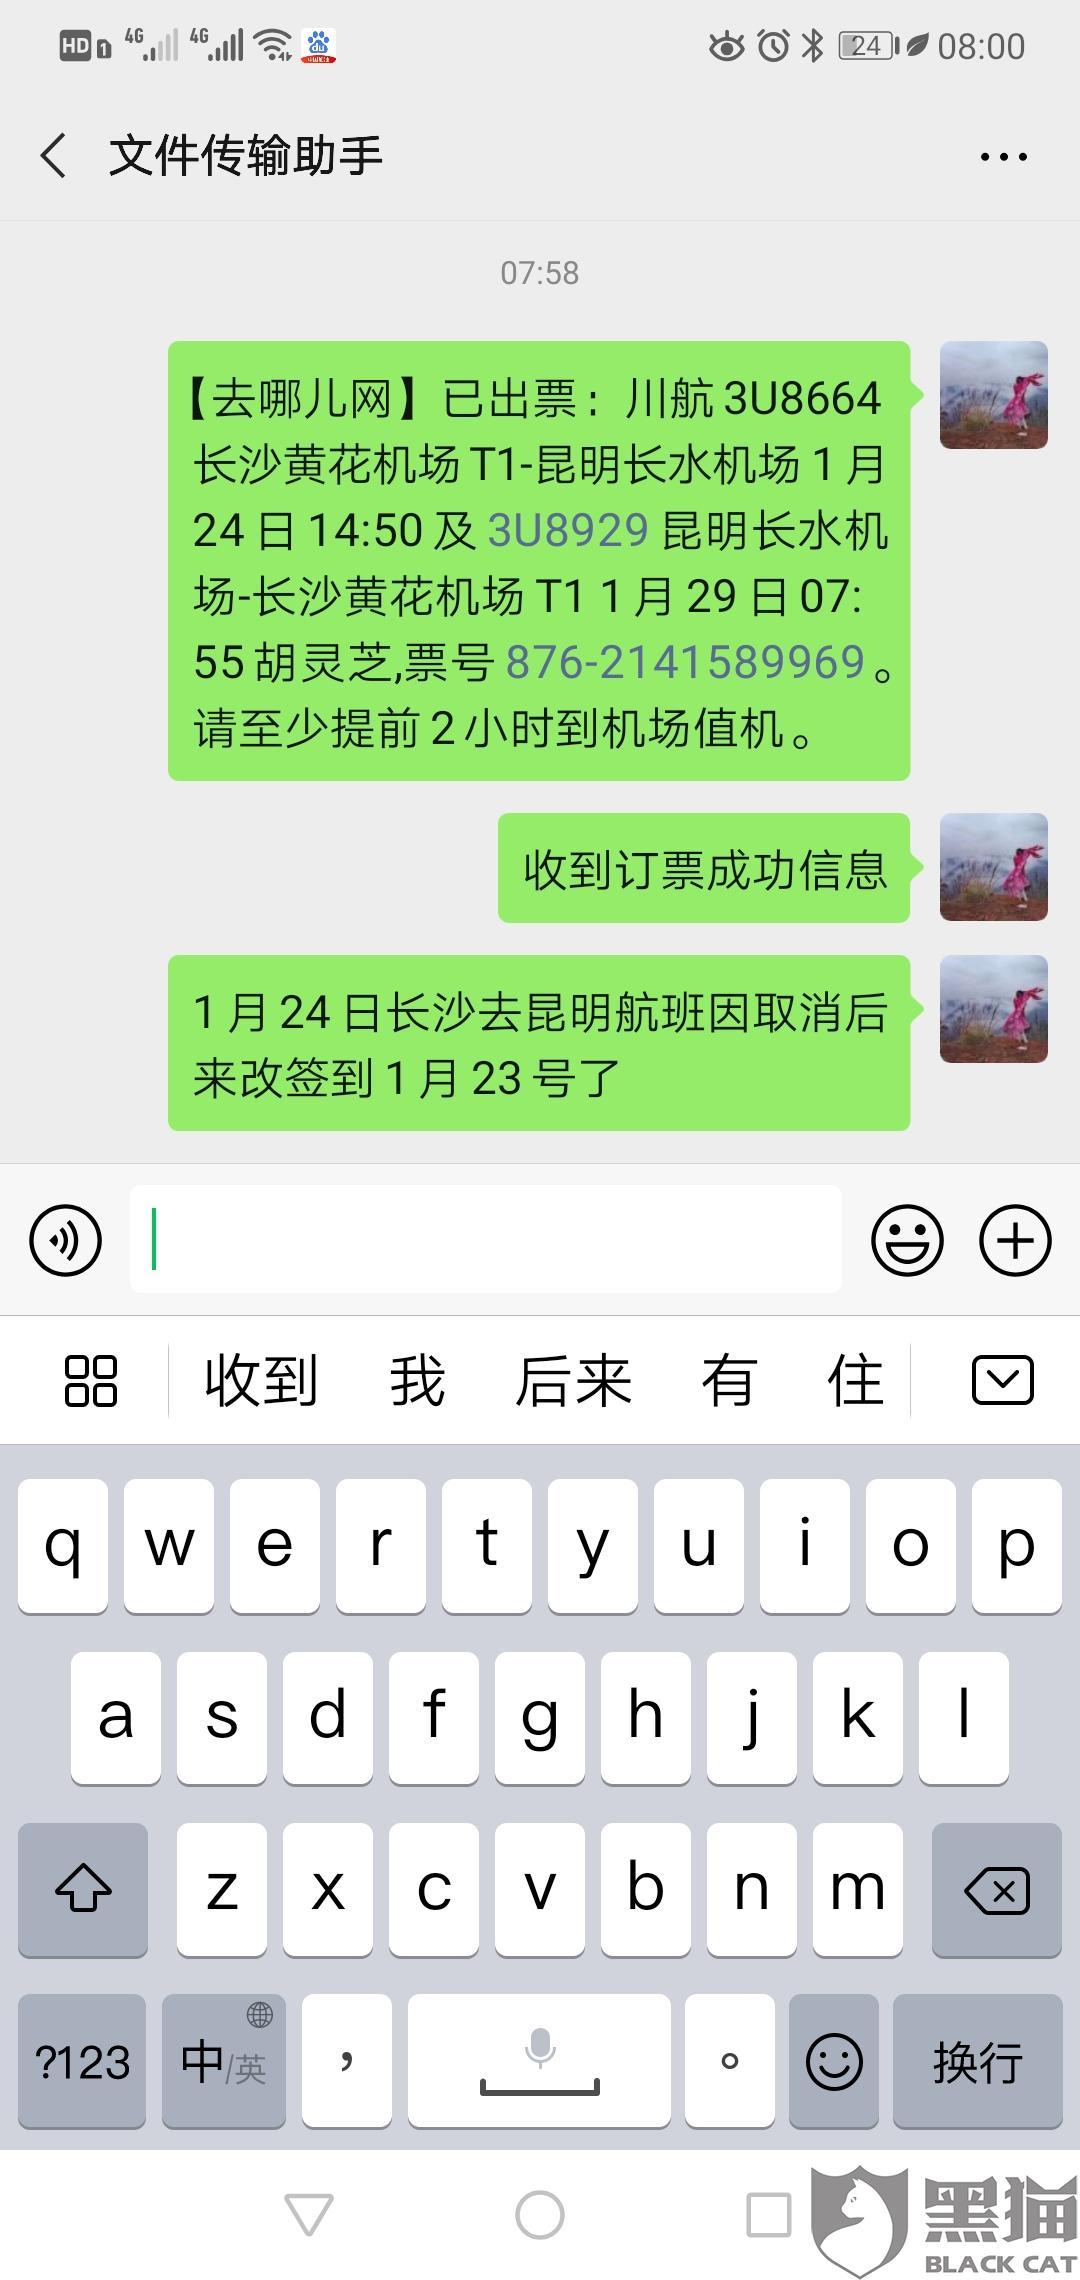 黑猫投诉:四川航空公司取消1月29日航班3U8929不退款,去哪儿网卖票也不退款